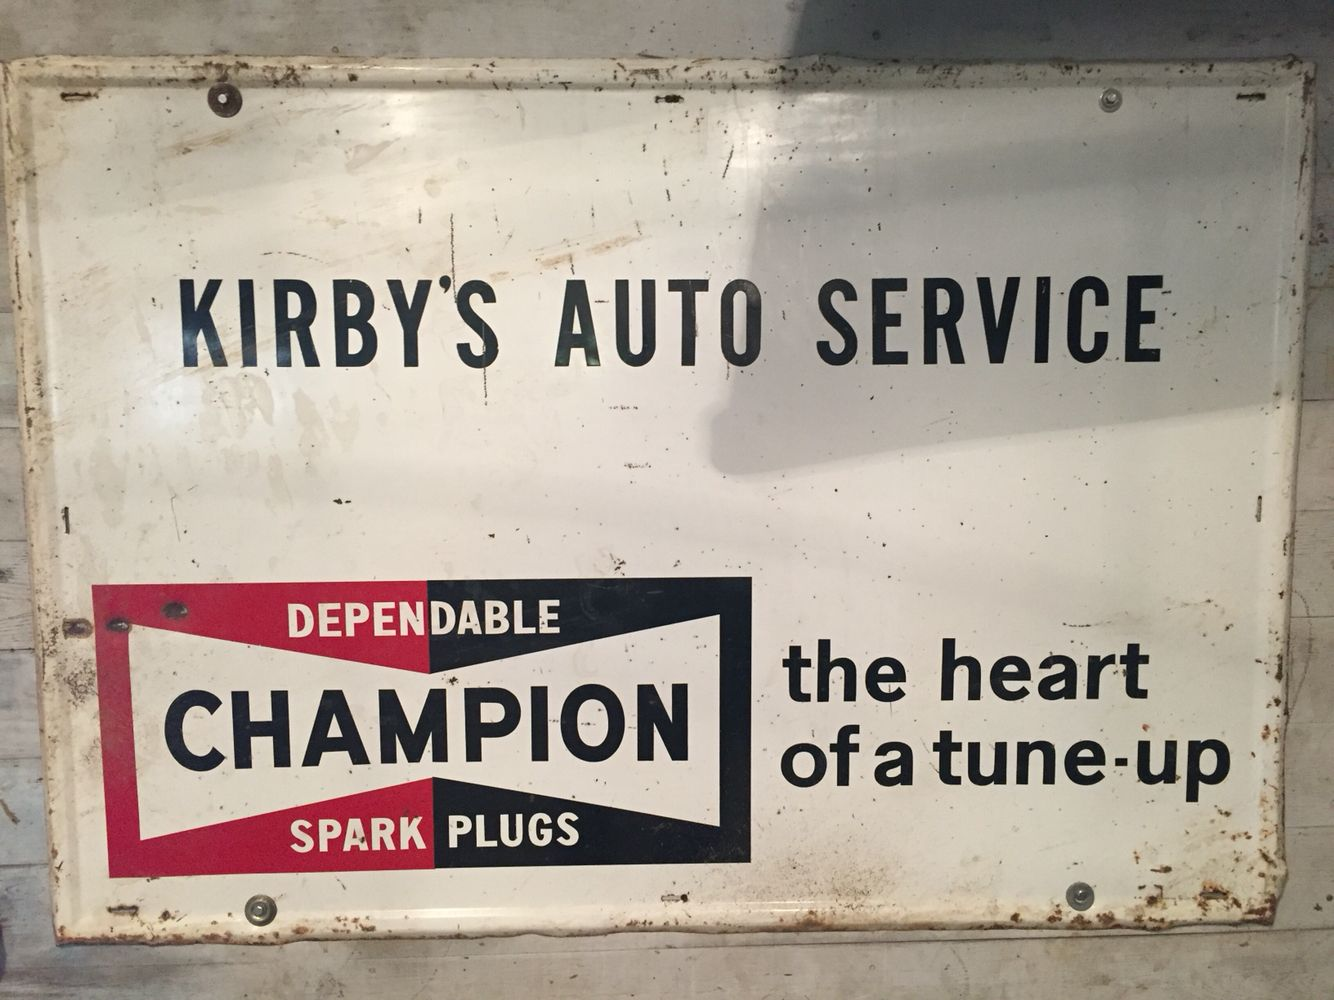 Kirby's Esso